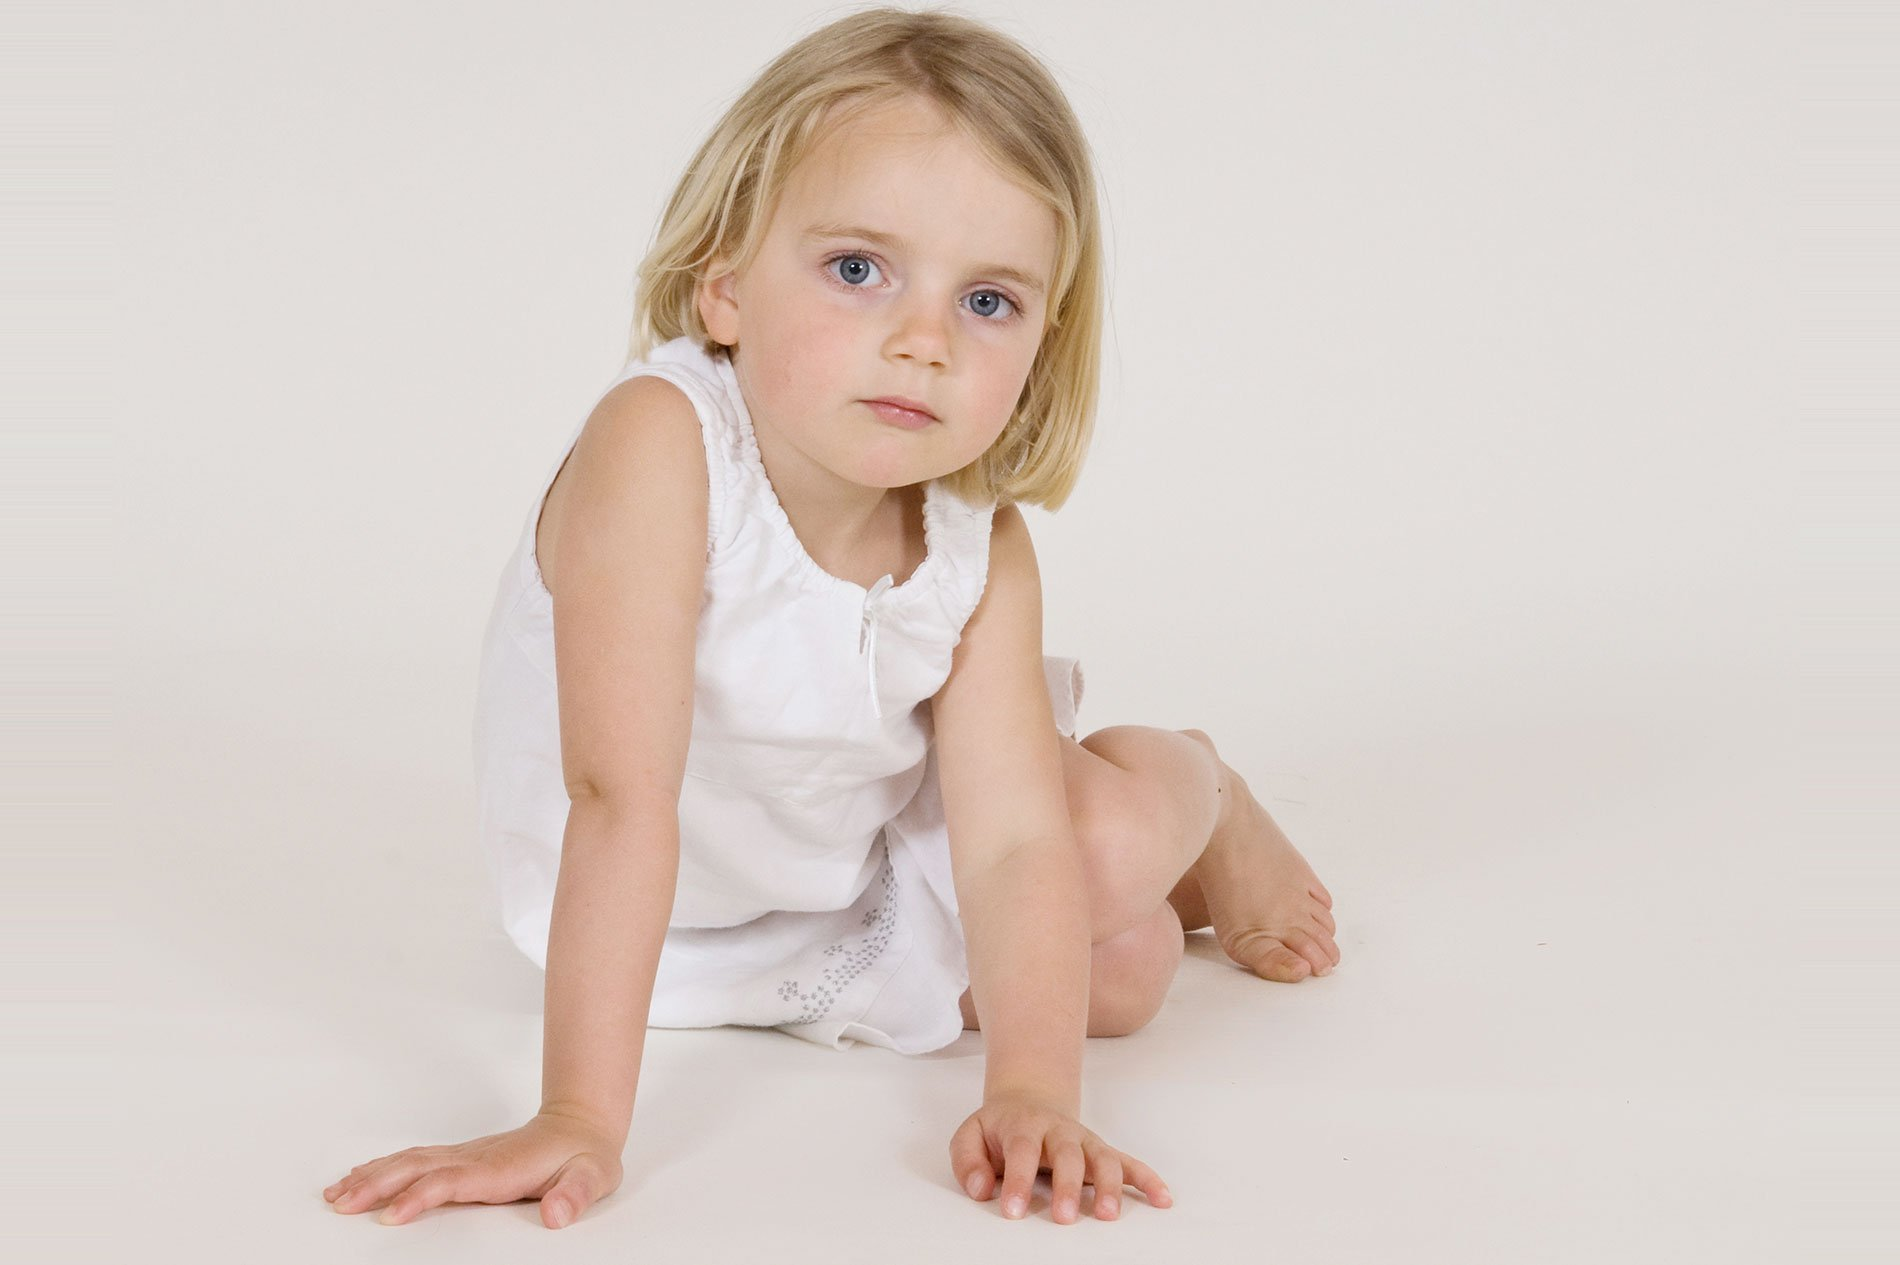 Child Photographer Devon